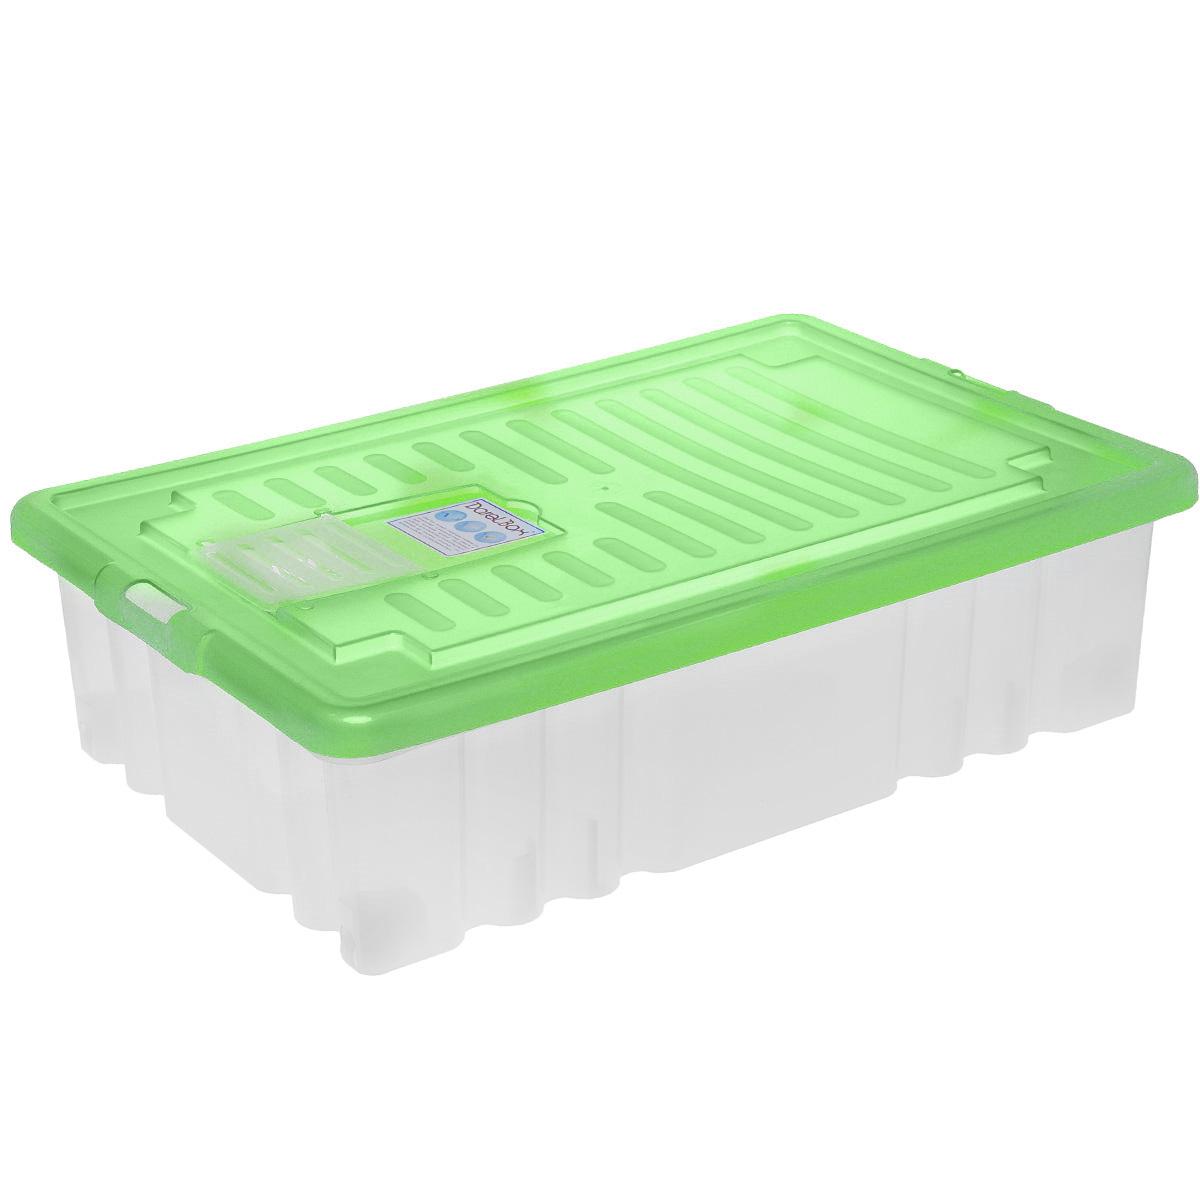 Ящик Darel Box, с крышкой, цвет: прозрачный, салатовый, 36 лES-412Прямоугольный ящик Darel Plastic изготовлен из высокопрочного полипропилена (пластика). Ящик можно использовать в квартире, в автомобиле, на даче, в кладовой. В нем удобно хранить продукты, текстиль, игрушки, различные аксессуары и бытовые предметы. Ящик снабжен цветной крышкой. Специальный клапан предназначен для антимолиевых и дезодорирующих средств. Колесики обеспечивают удобство передвижения, они могут принимать два положения: утопленное - для хранения, и рабочее - для передвижения бокса. Такой ящик пригодится в любом хозяйстве. Он поможет хранить вещи в одном месте, а также защитить их от пыли, грязи и влаги.